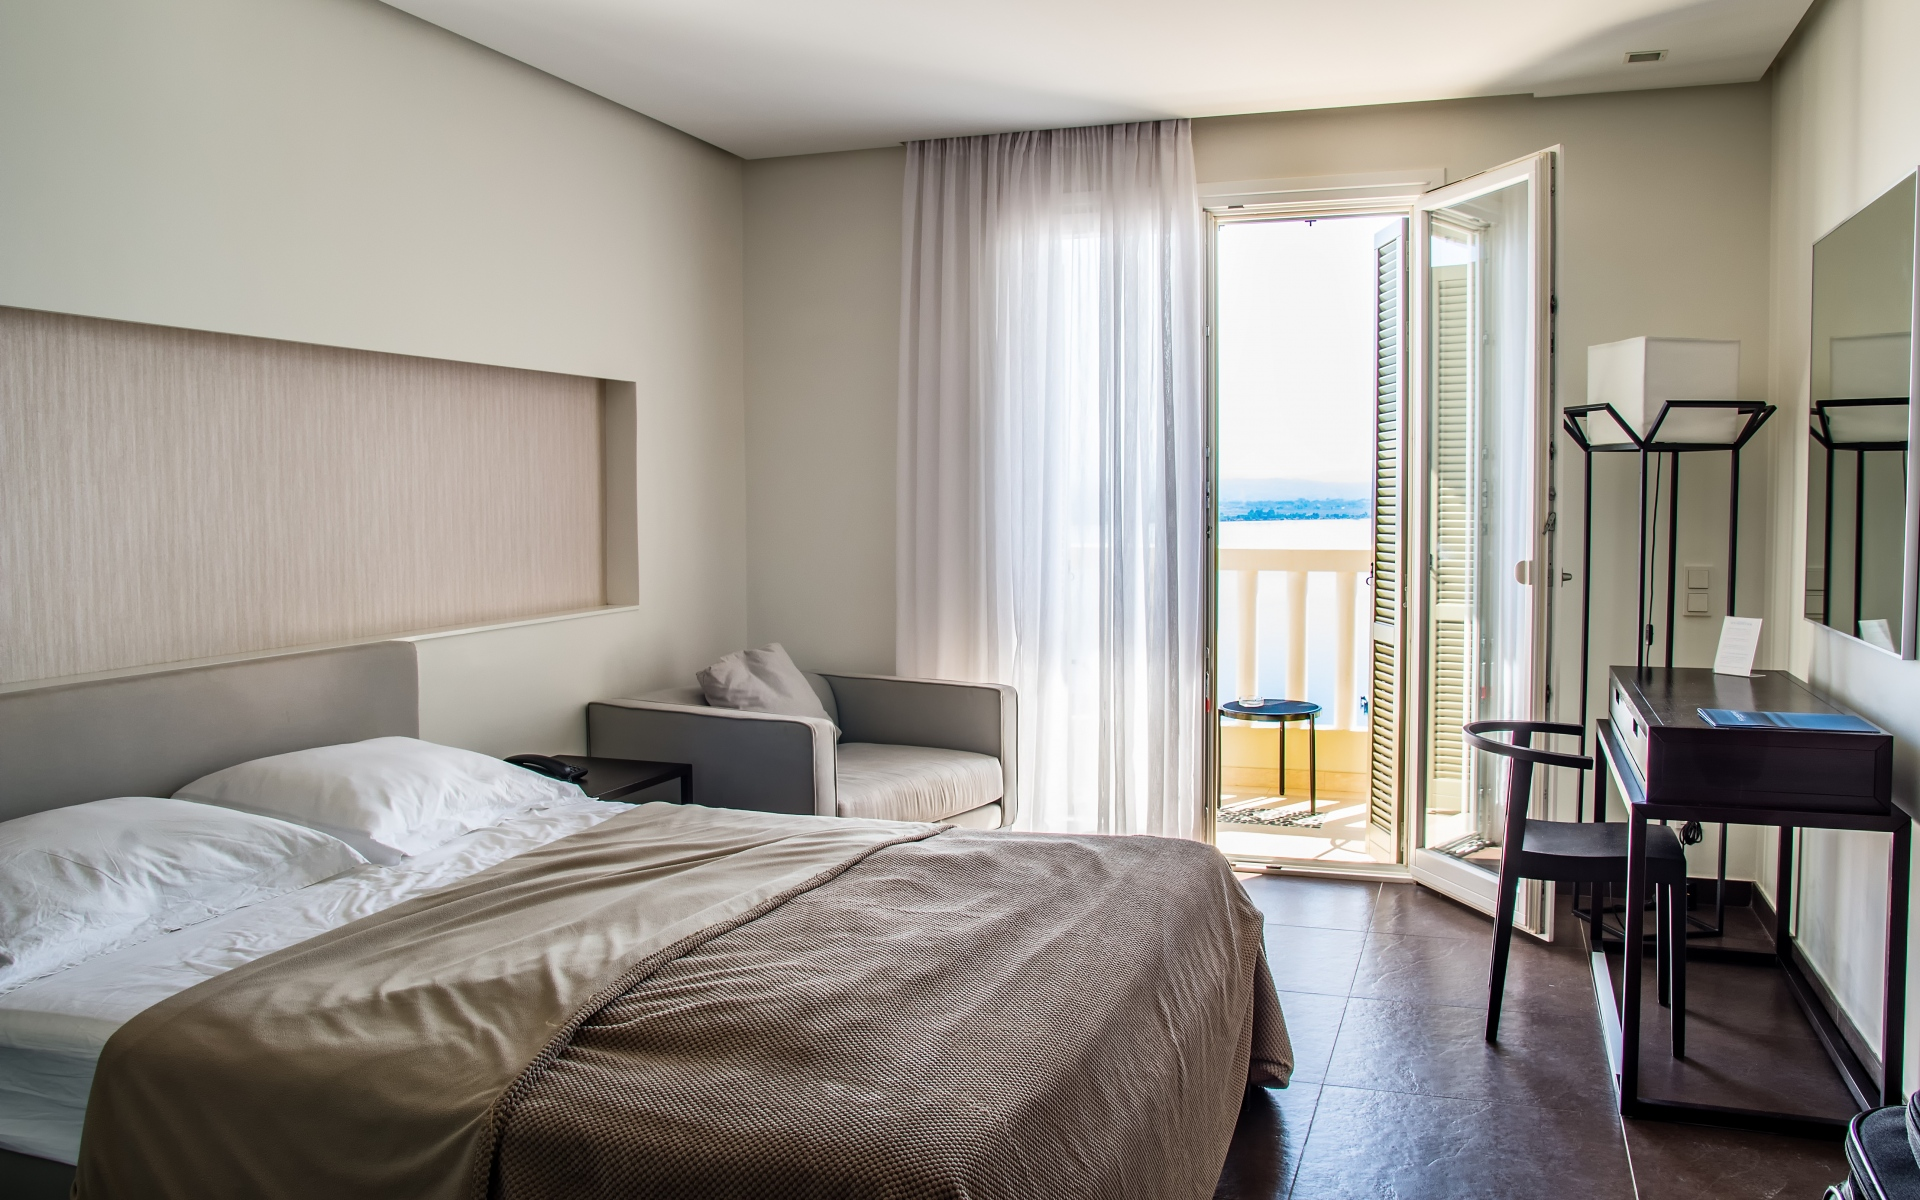 Картинки Комната, кровать, балкон, мебель, дизайн фото и обои на рабочий стол